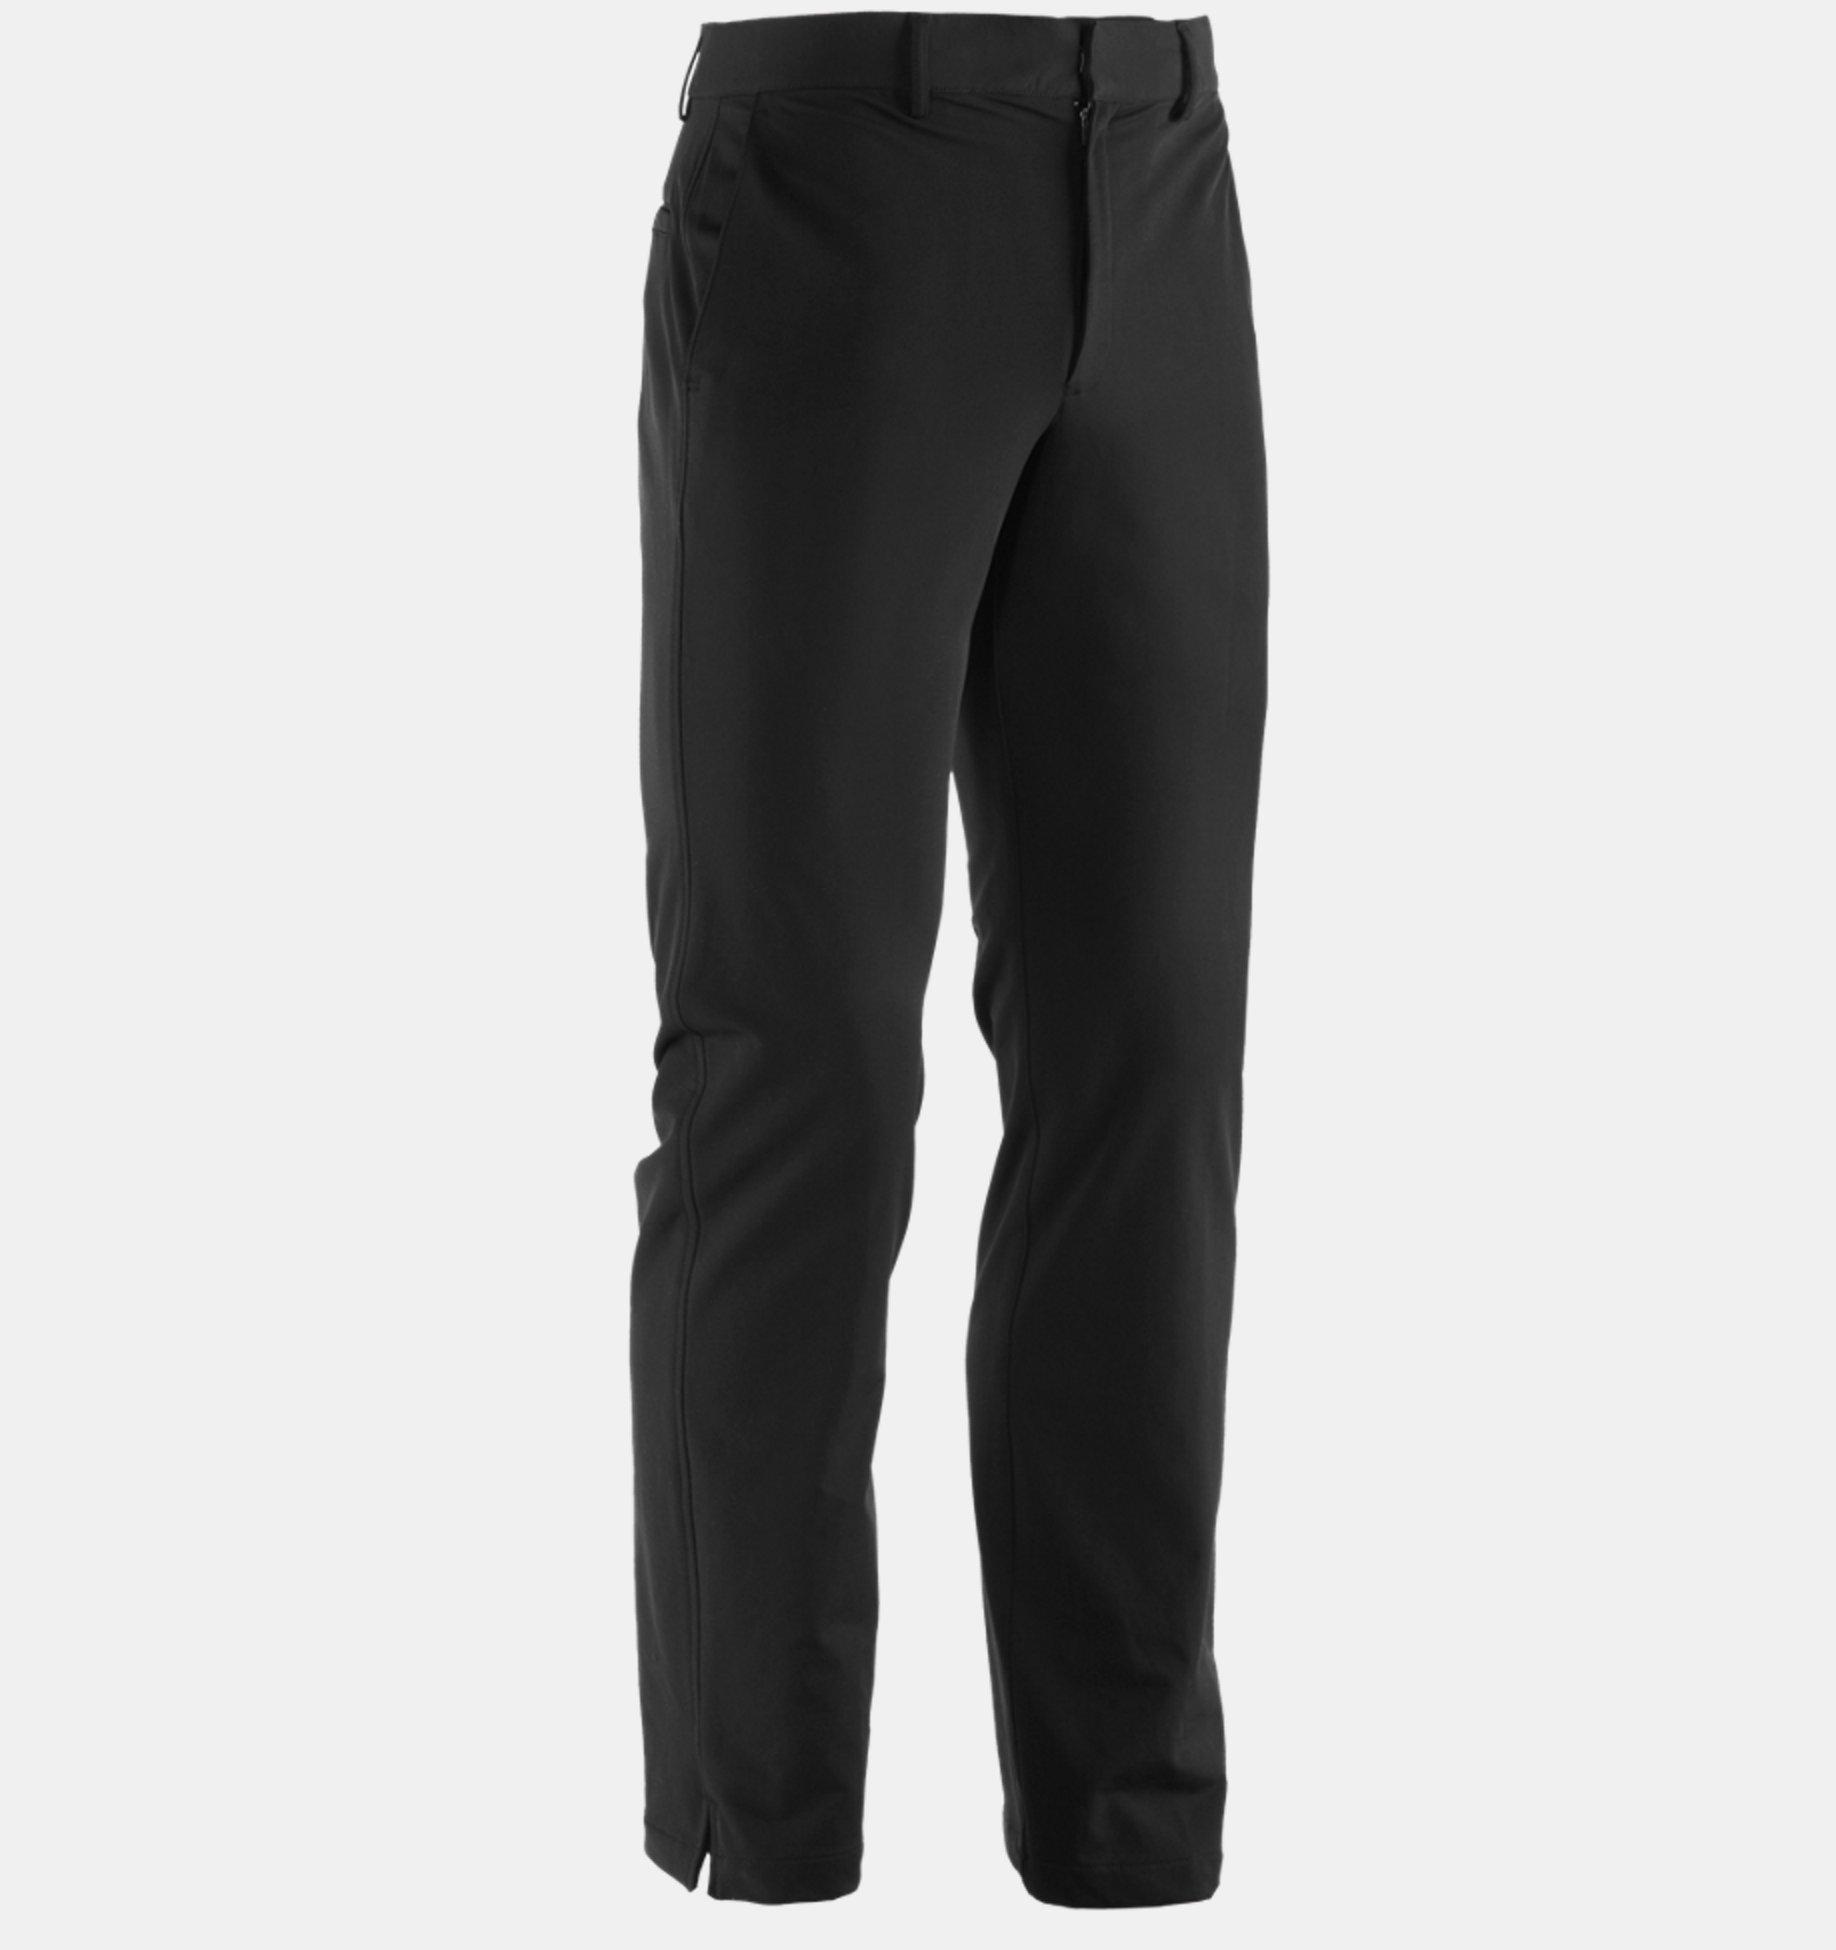 eb3c6fc8d4213 ... Pantalones de golf UA Storm ColdGear® Elements para hombre